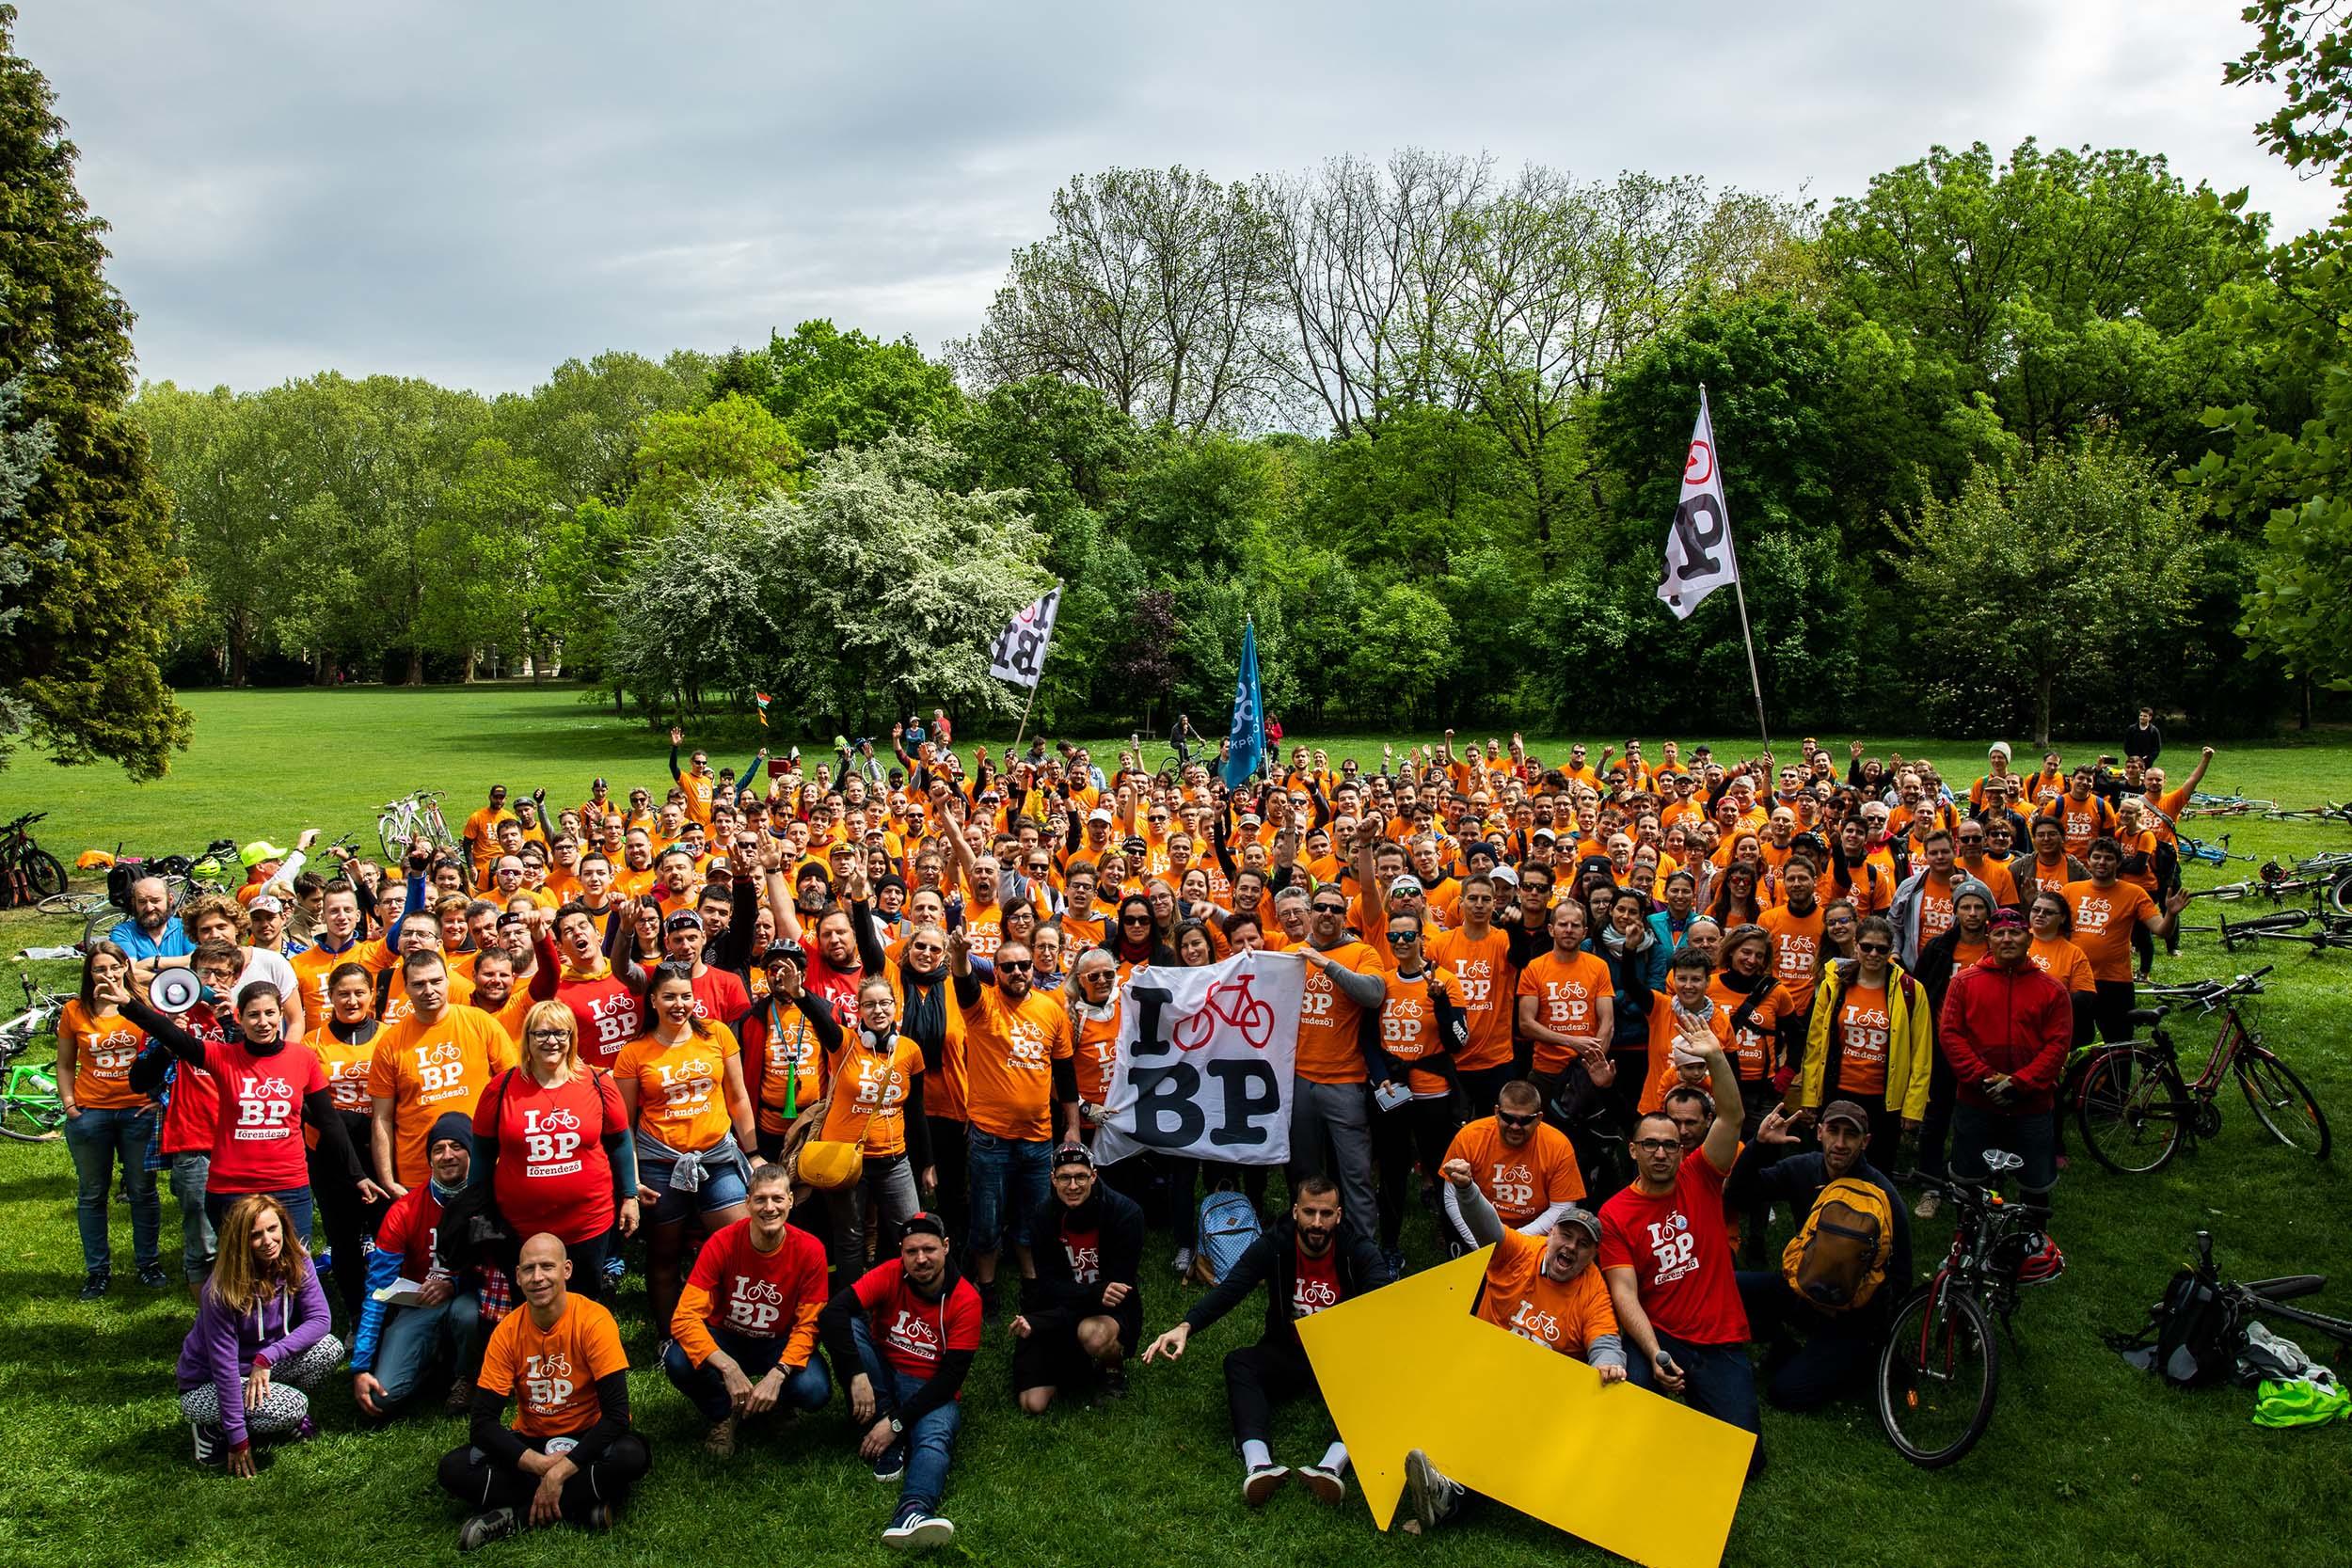 300 rendezőt keresünk az I Bike Budapest felvonulásra!